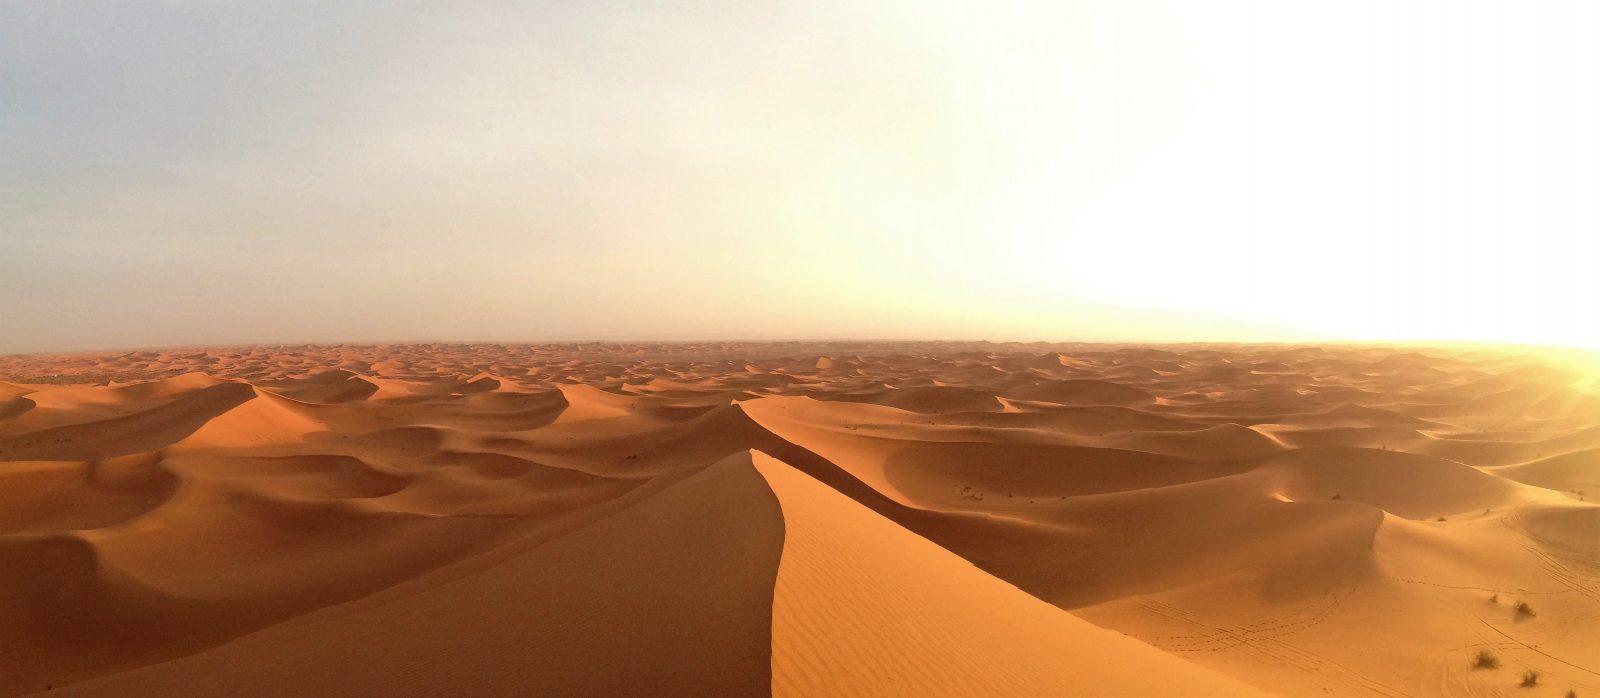 Désert marocain, lieu rêvé pour une idylle